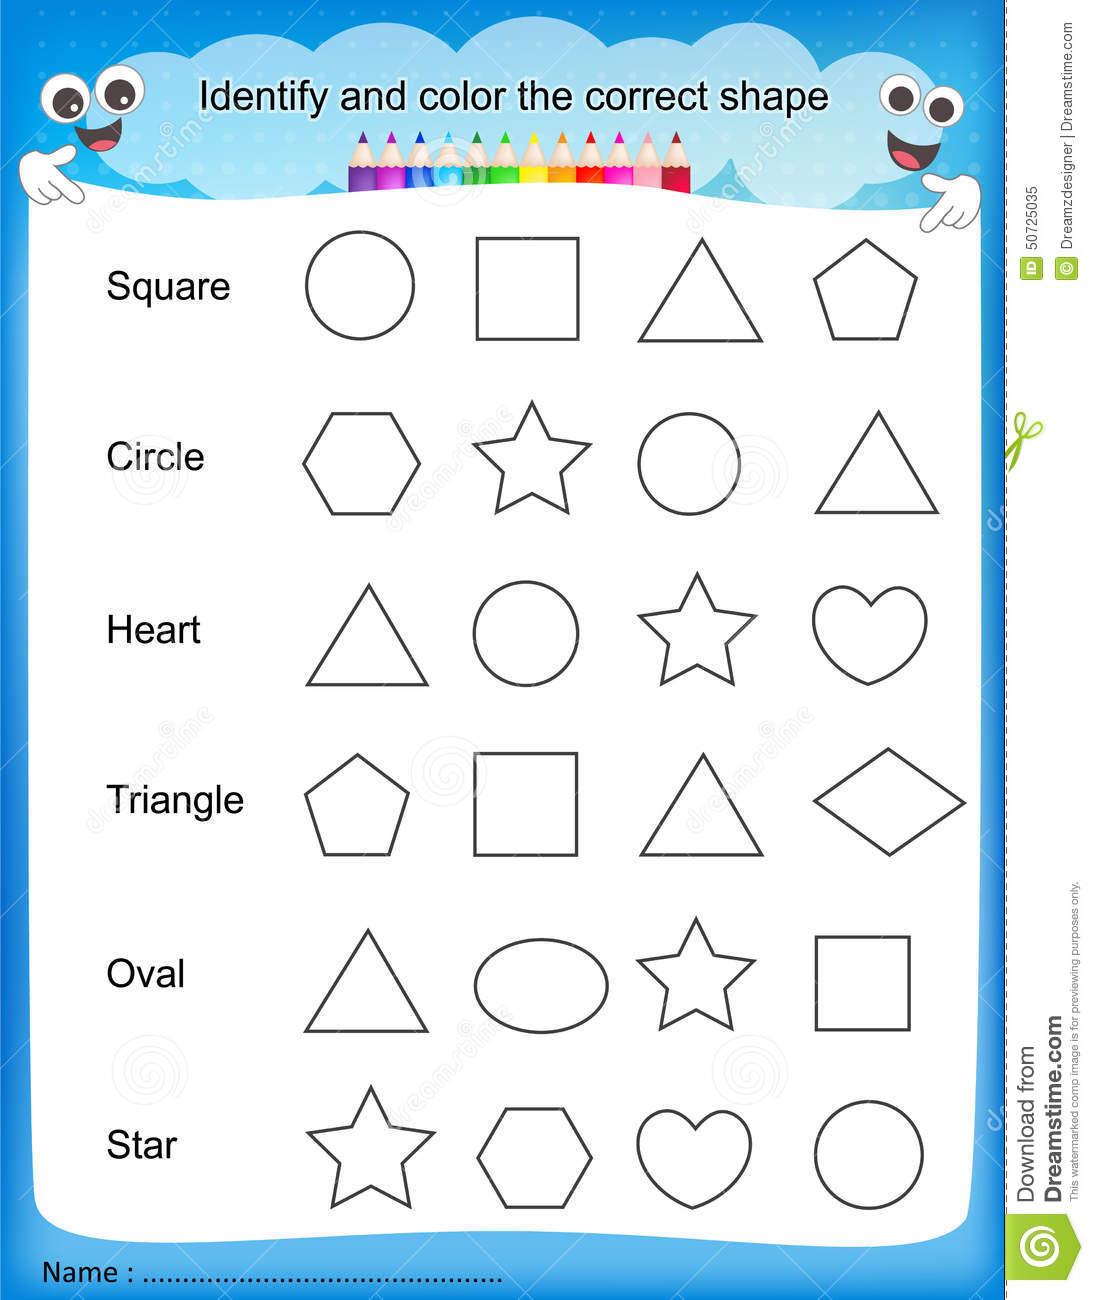 Shapes And Colors Worksheets For Kindergarten